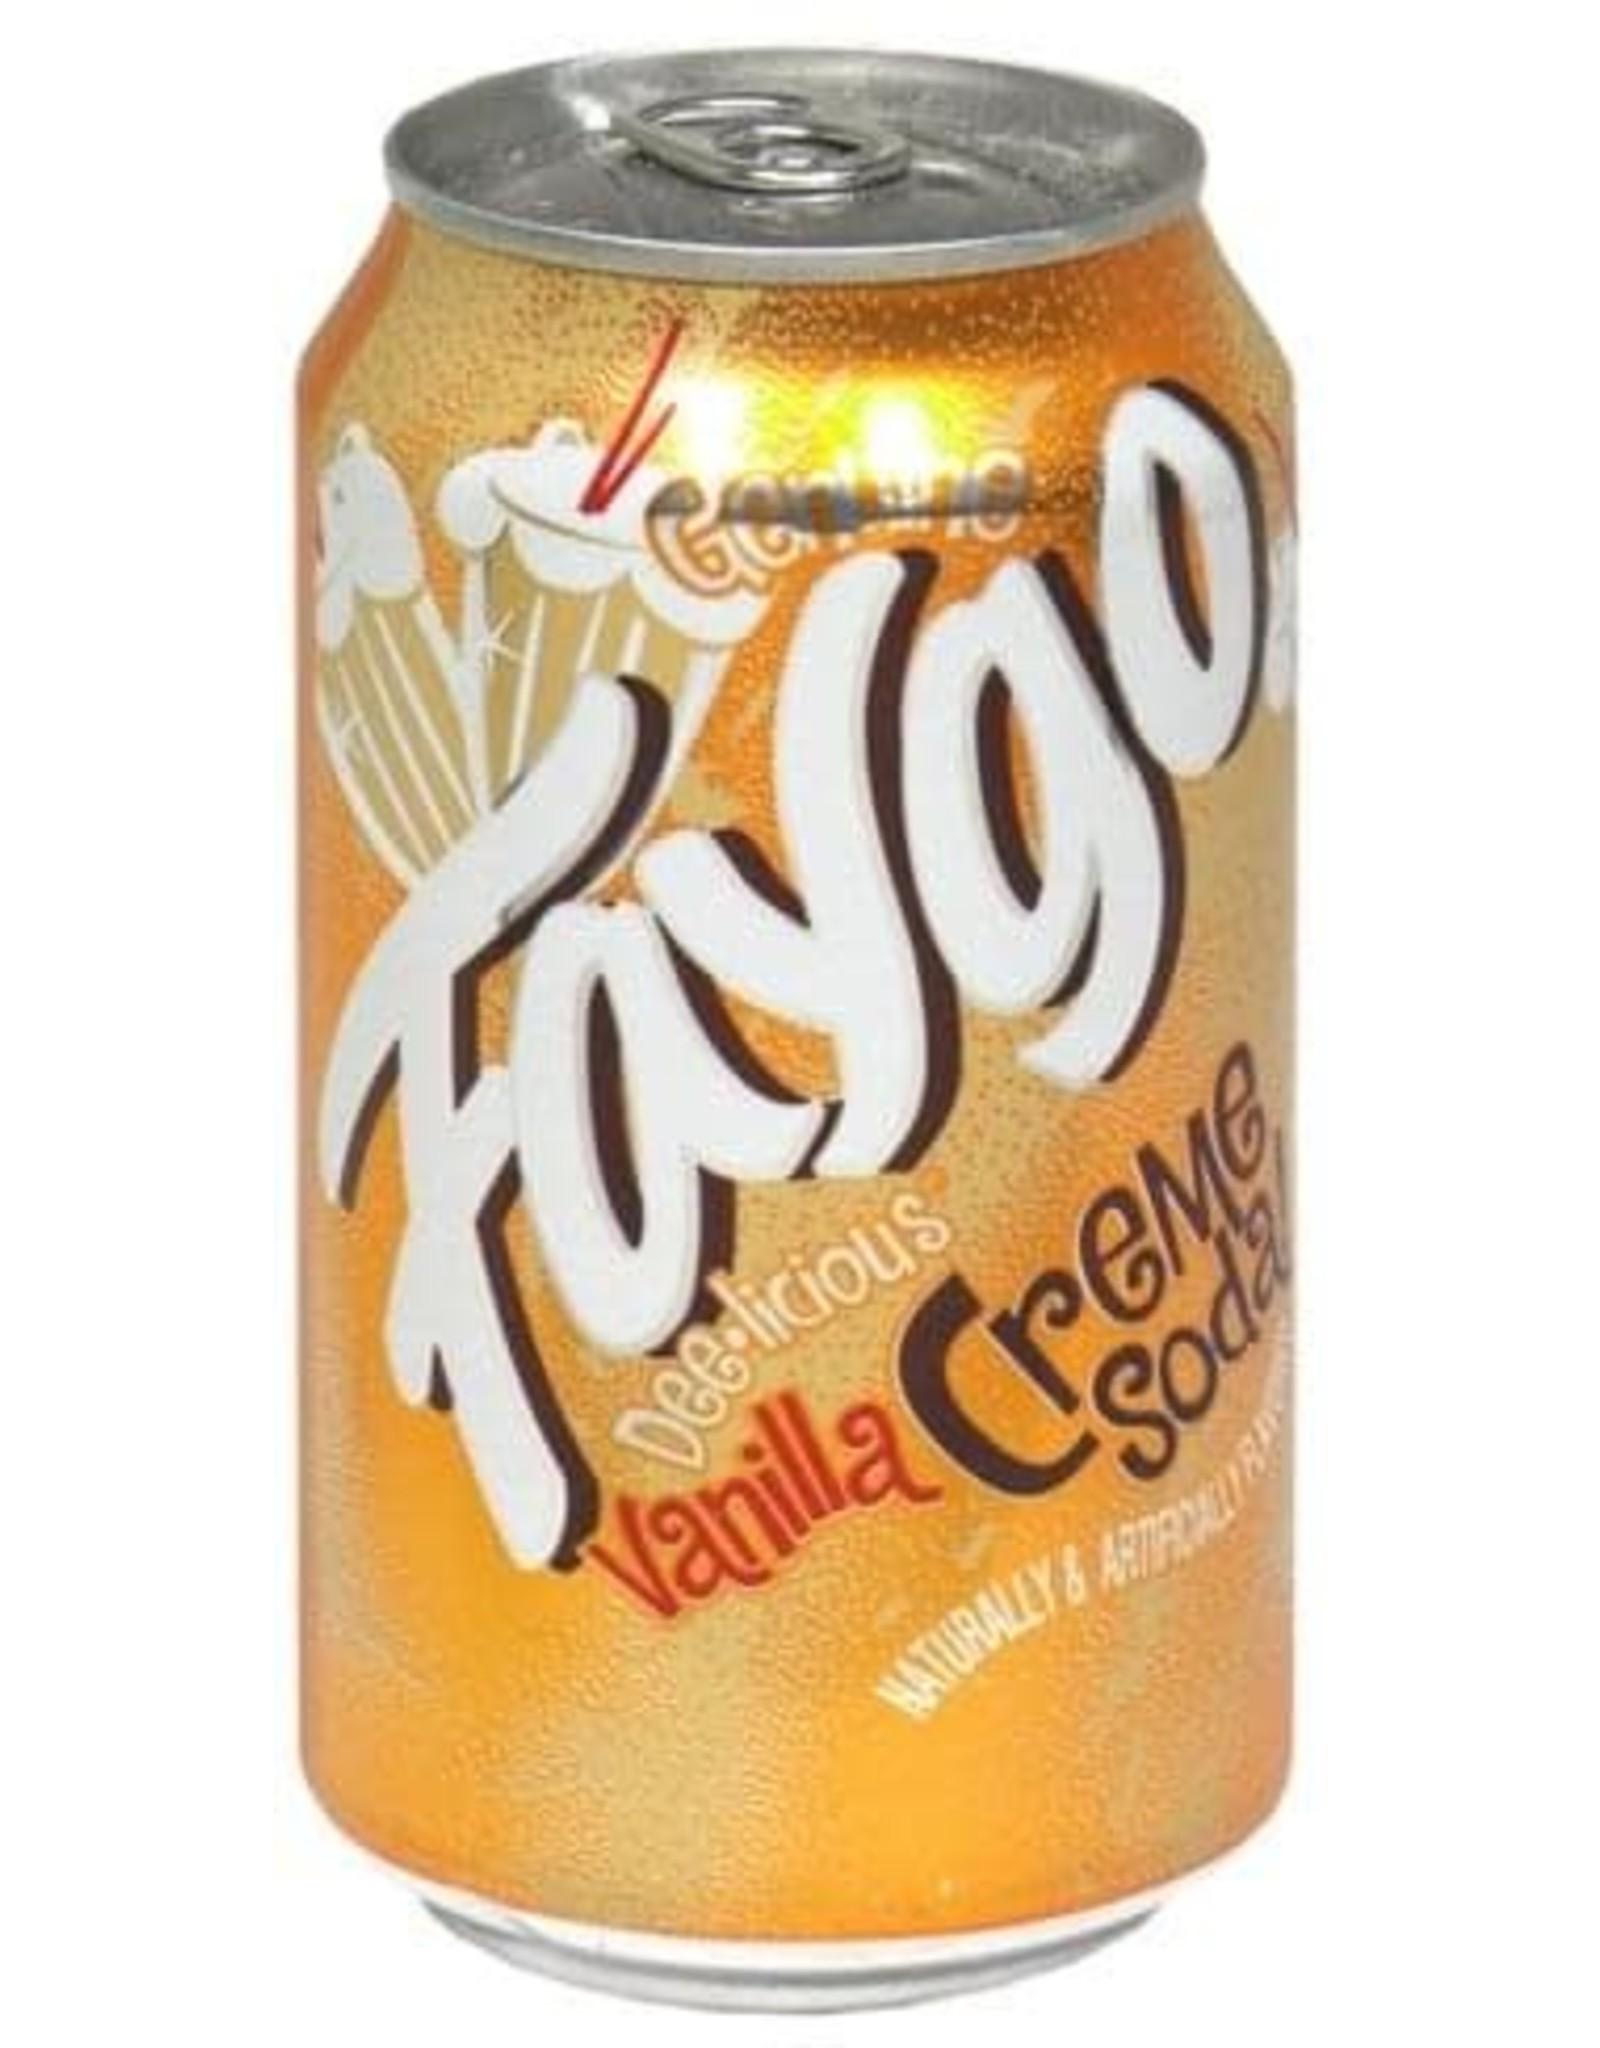 Faygo - Vanilla Creme Soda - 355ml